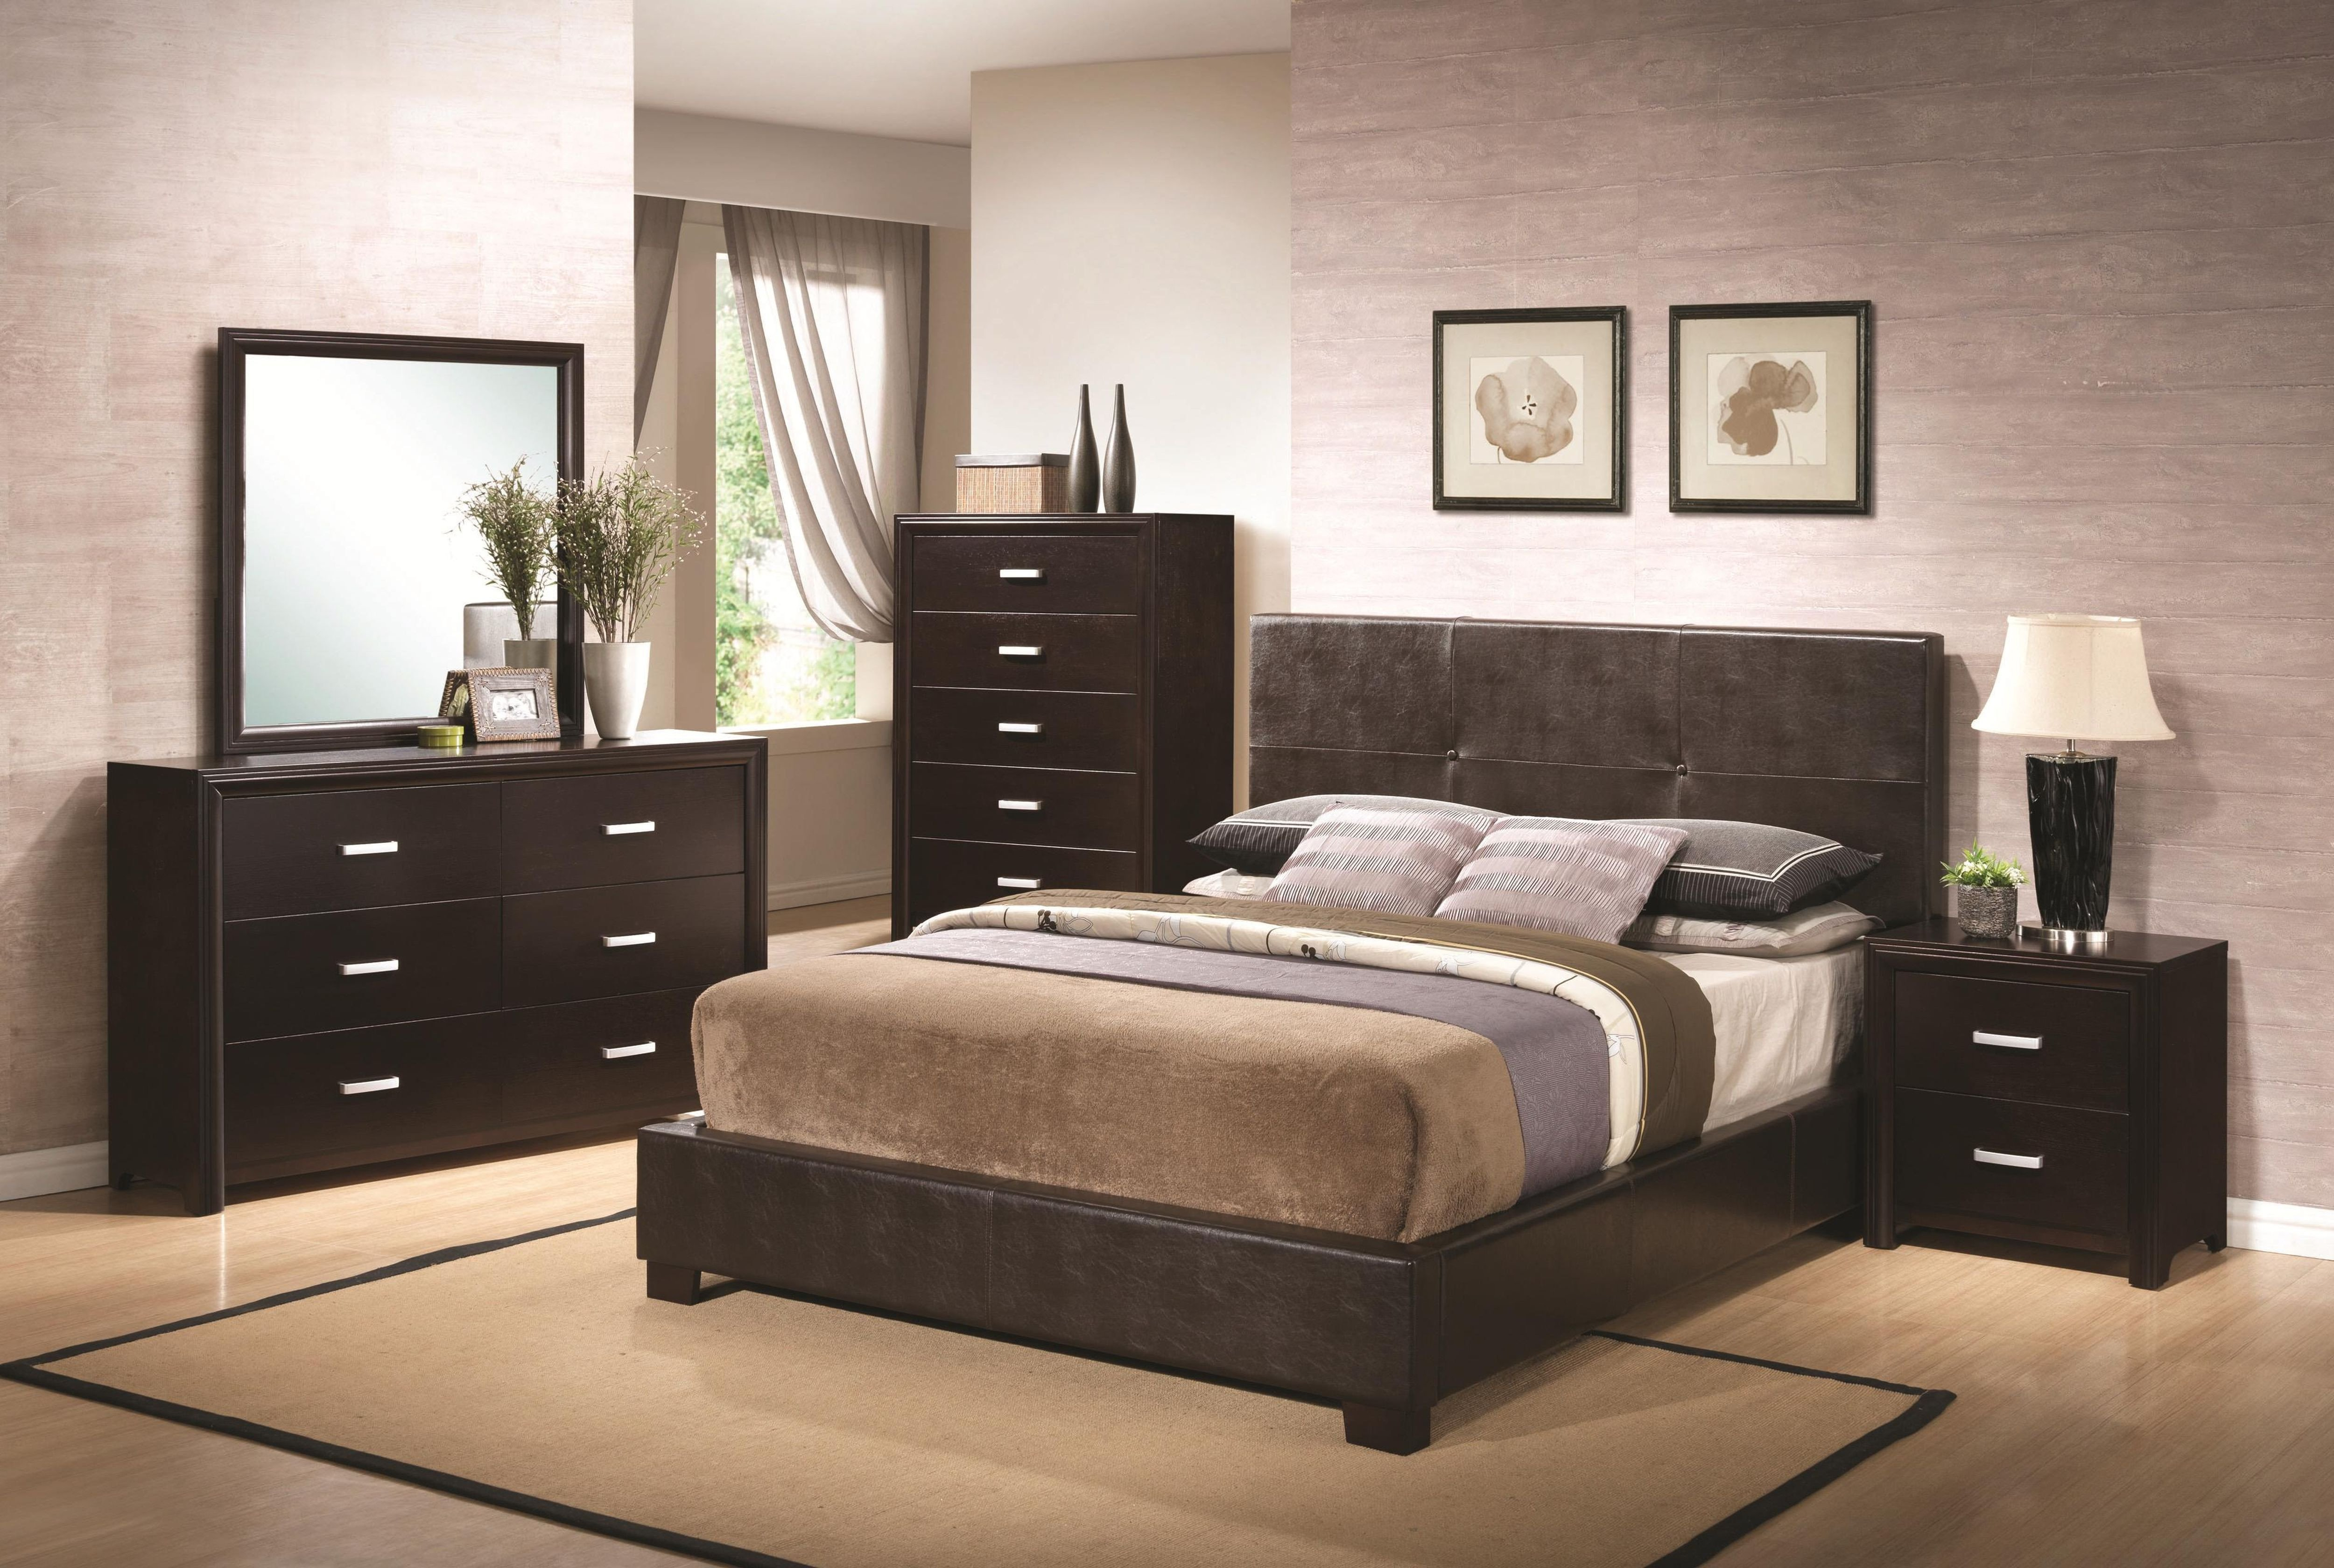 Queen Bedroom Set Cheap New Rooms to Go Queen Bedroom Set